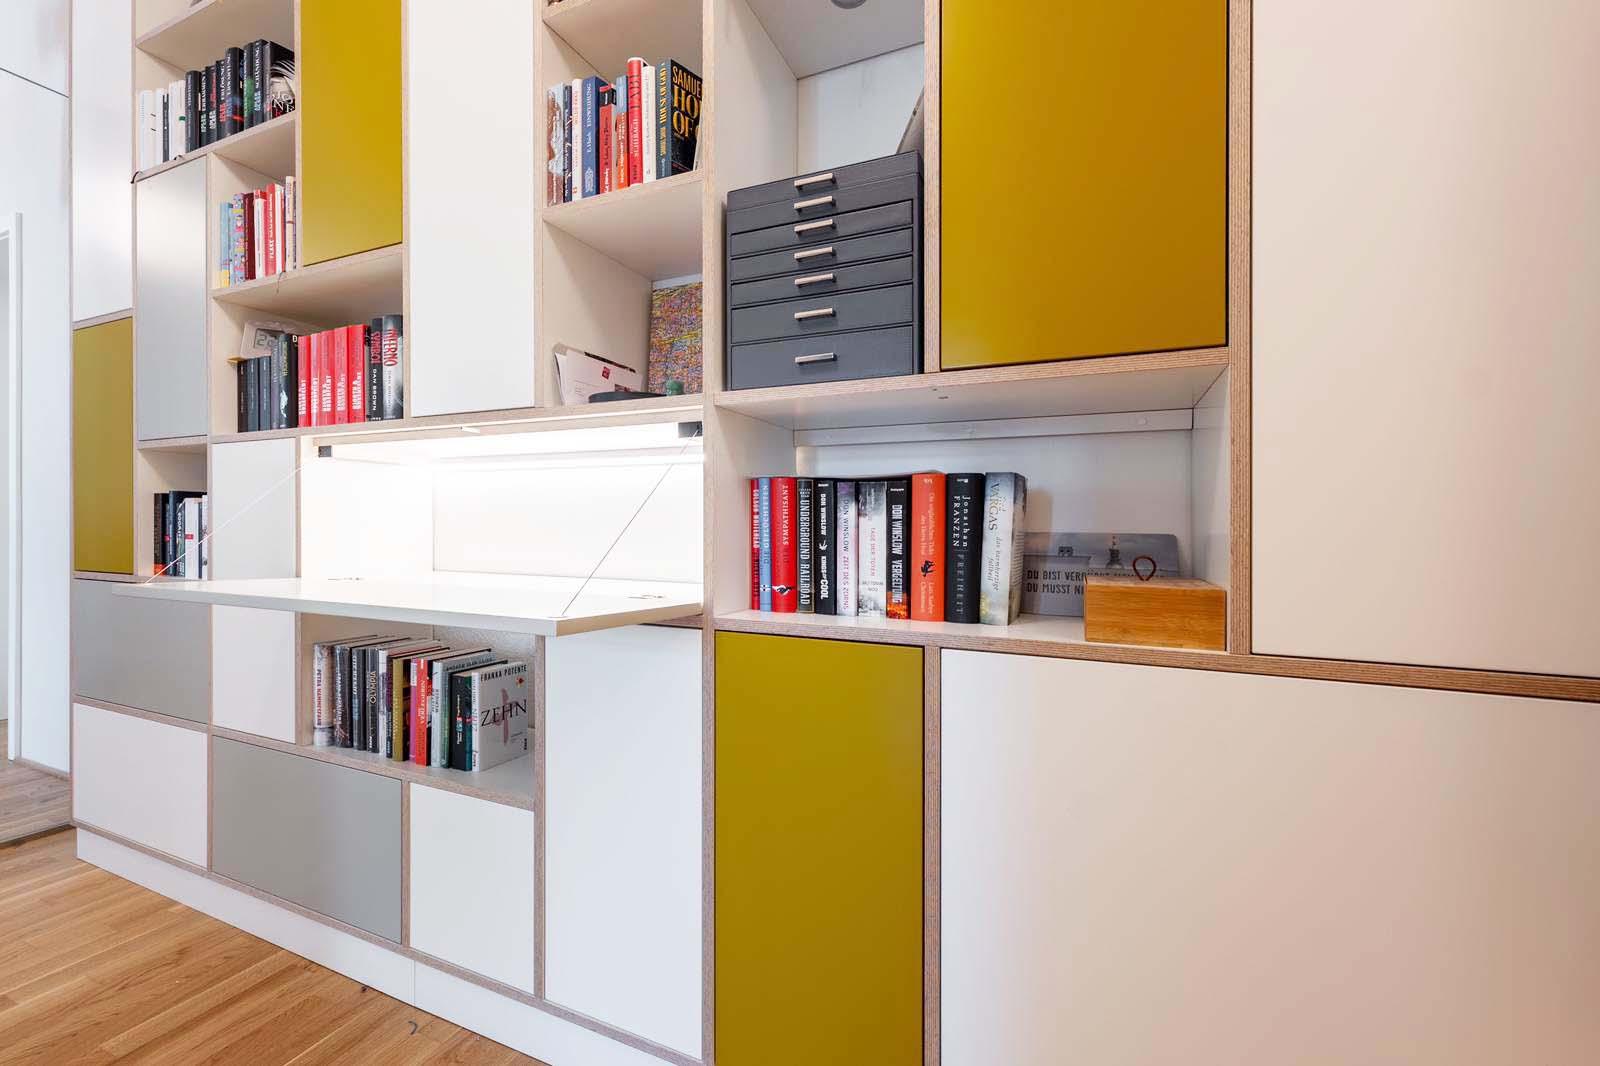 homeoffice, farbe, licht, regal, flur, möbel, bibliothek, garderobe, bücher, leiter, design, schreiner, metallleiter,